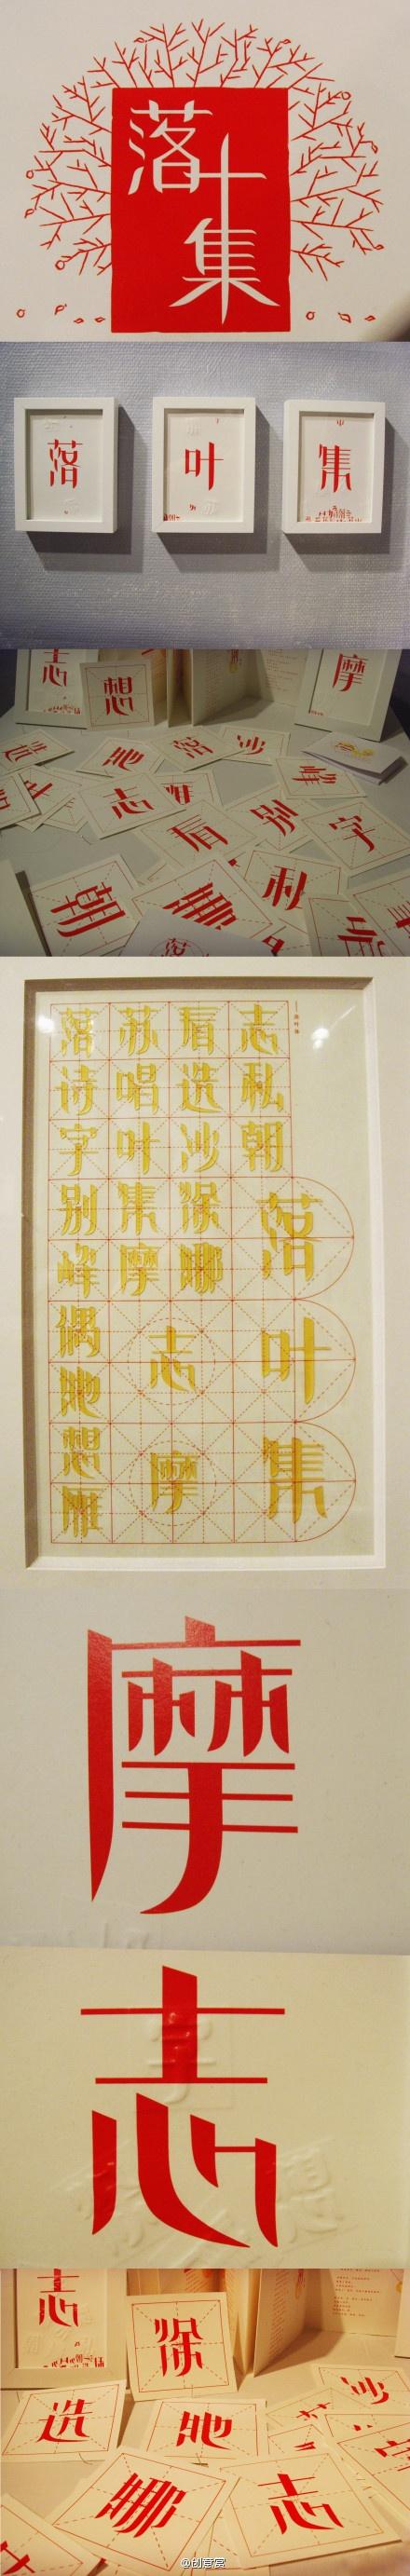 #广美毕业展# 作者:郭斌 作品:字体设计 说明:为徐志摩的诗制作一套字体,将其应用到其诗集《落叶集》中,并尝试不同的方式表现本字体的雅致感。 横细,竖重,竖画塑造个性,起笔左上尖角,收笔大弧形。